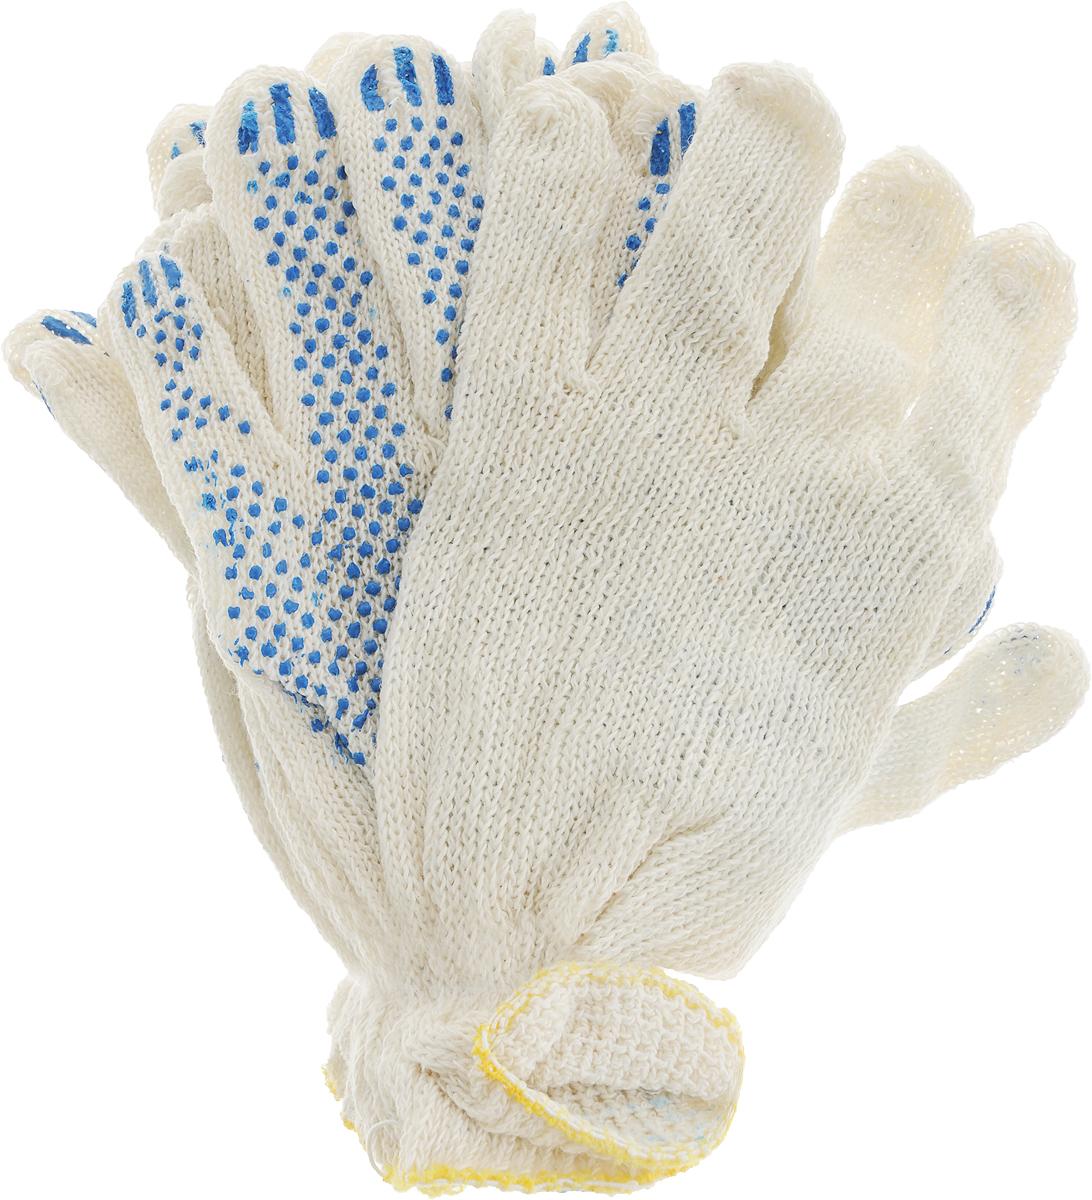 Перчатки Вихрь, с ПВХ покрытием, 5 пар73/4/1/1Вязаные перчатки Вихрь, выполненные из хлопка и полиэфира, предназначены длястроительных и погрузочно-разгрузочных работ. Ладонная часть усилена слоем из ПВХматериала, что обеспечивает дополнительную защиту рук.